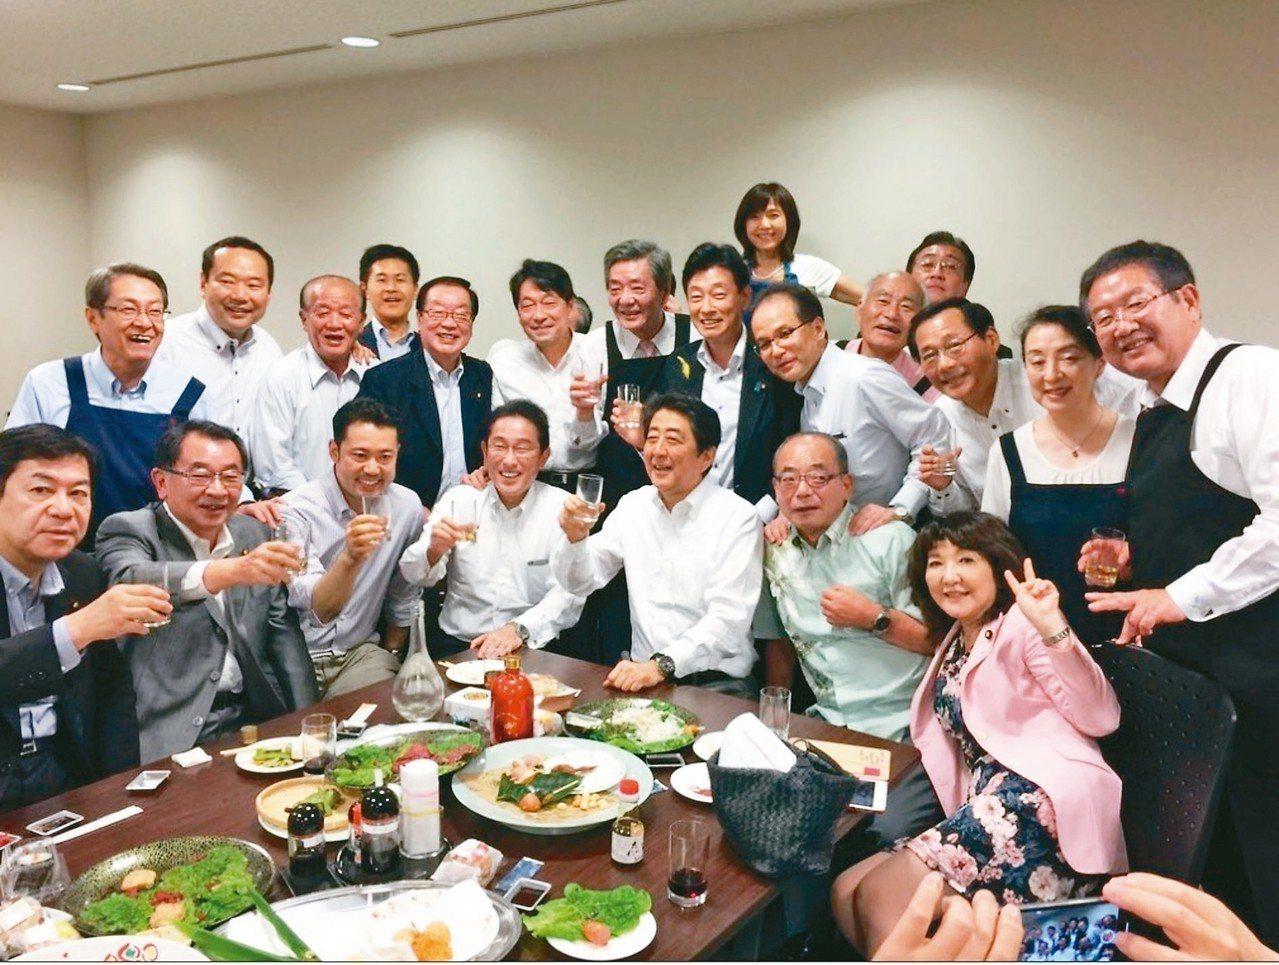 西日本水災風雨來襲的五日晚間,安倍晉三與自民黨議員聚會談笑風生,還在社交網站發布...